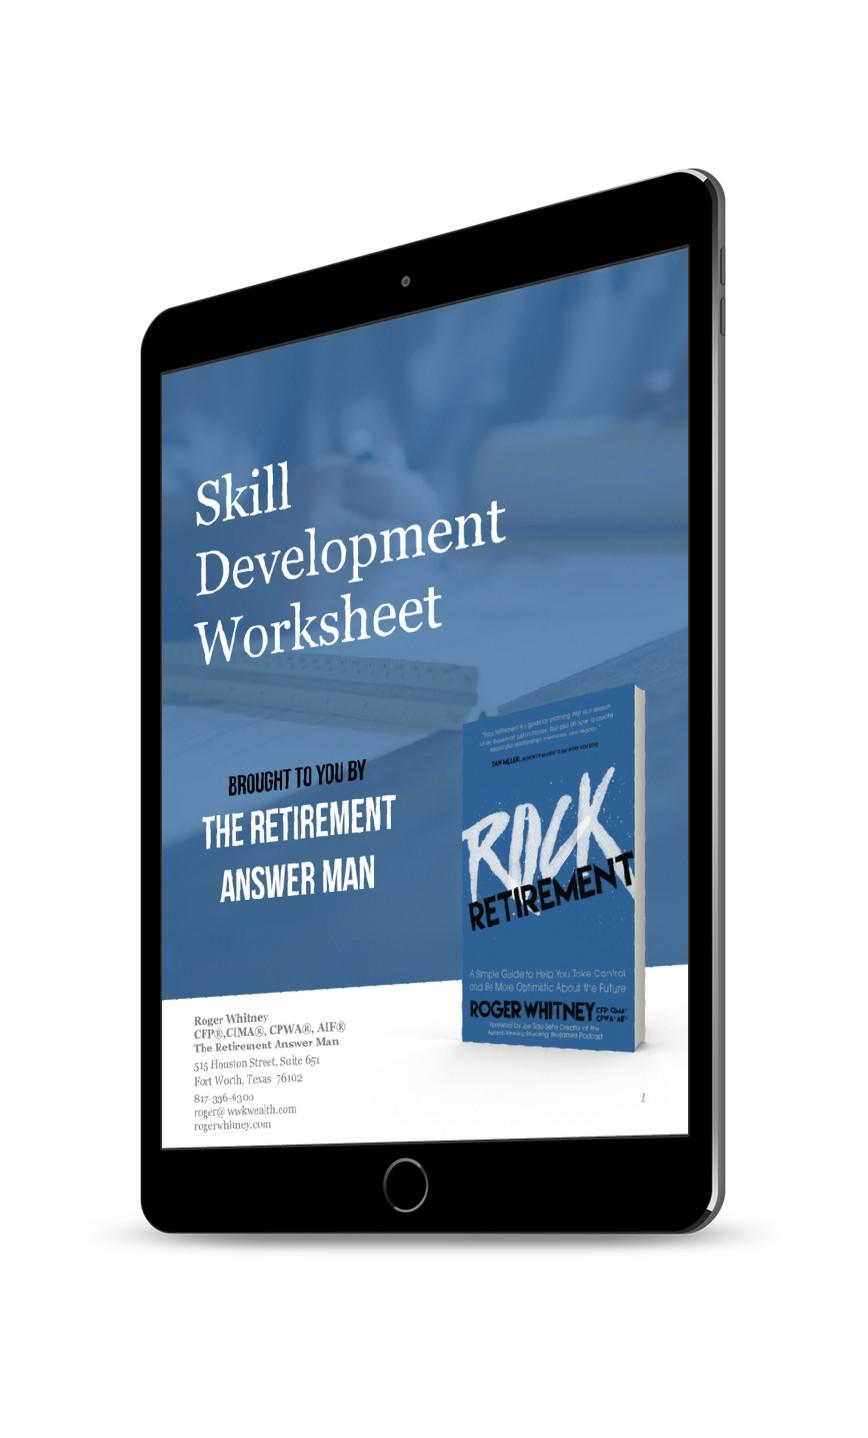 Skill Development Worksheet.jpeg